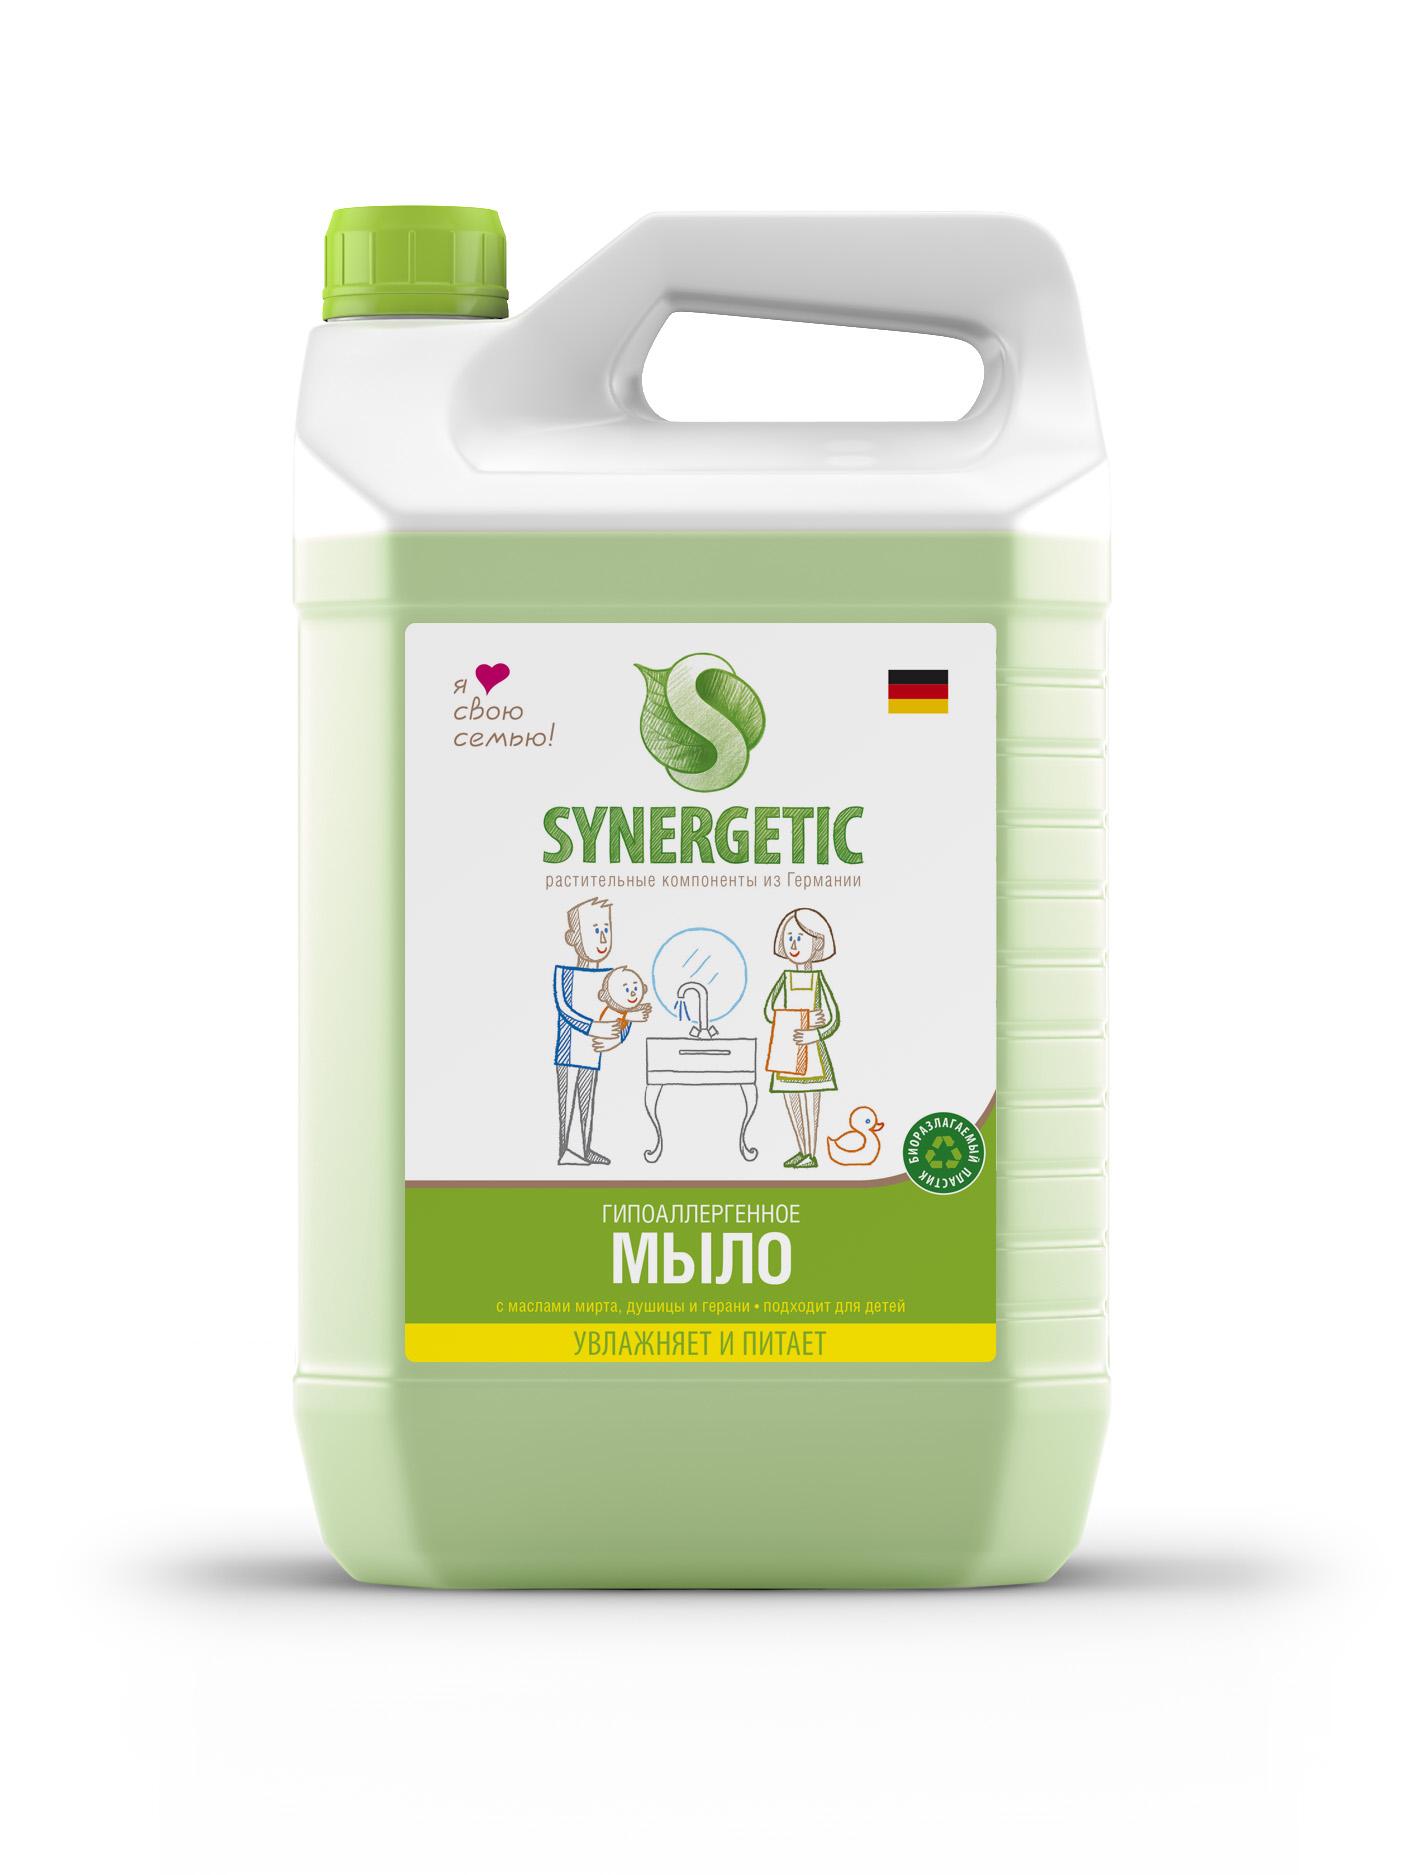 Мыло жидкое Synergetic, для рук, 5 лSNG-105500Концентрированное жидкое мыло подходит для бережного очищения кожи отлюбых загрязнений. Обладает приятным натуральным ароматом. Особая формулаИнтенсивно питает и защищает вашу кожу. За счет полностью натуральногосостава обладает 100% смываемостью, безопасно для детей и животных,подходит для интимной гигиены. Эффективно устраняет запахи и загрязнениядаже в холодной воде.